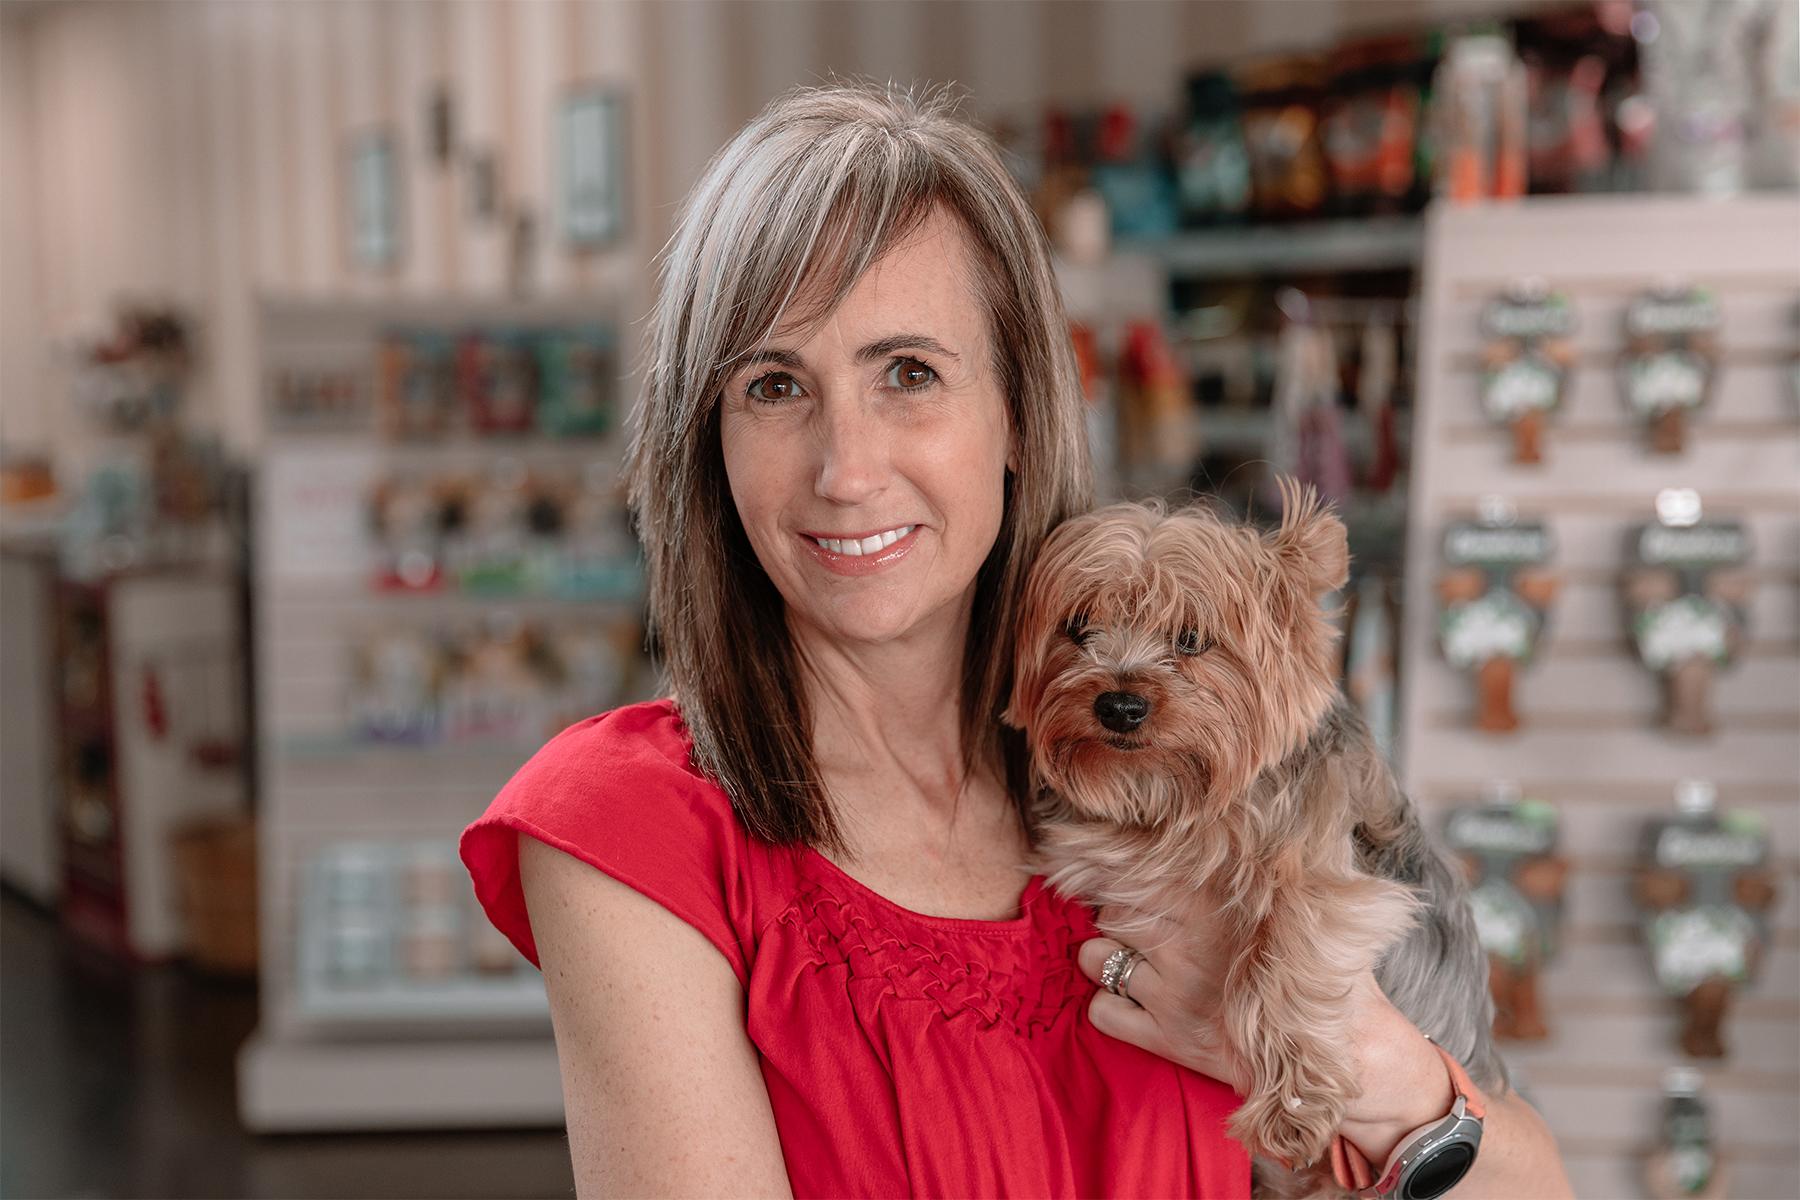 Pet food  Pet supplies  Natural pet food  Organic Pet food  Dog Food  Cat Food  Dog Supplies  Cat Supplies  Holistic pet food  OKC  pet store  oklahoma